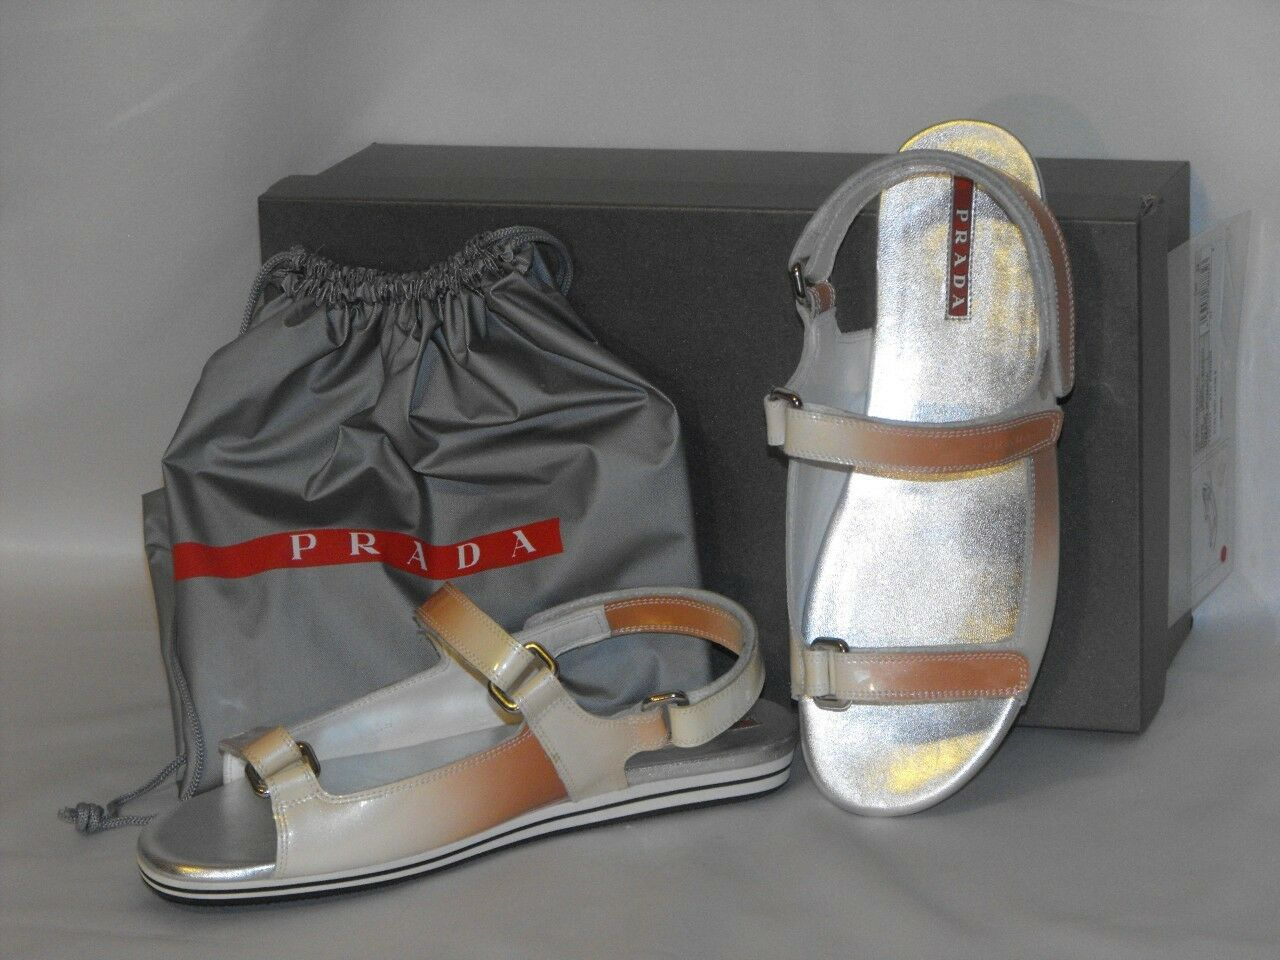 Garantía 100% de ajuste Nuevo En En En Caja Prada Patente Cuero Planos dos tonos Ombre Sandalias Gladiadoras con el logotipo 39  edición limitada en caliente